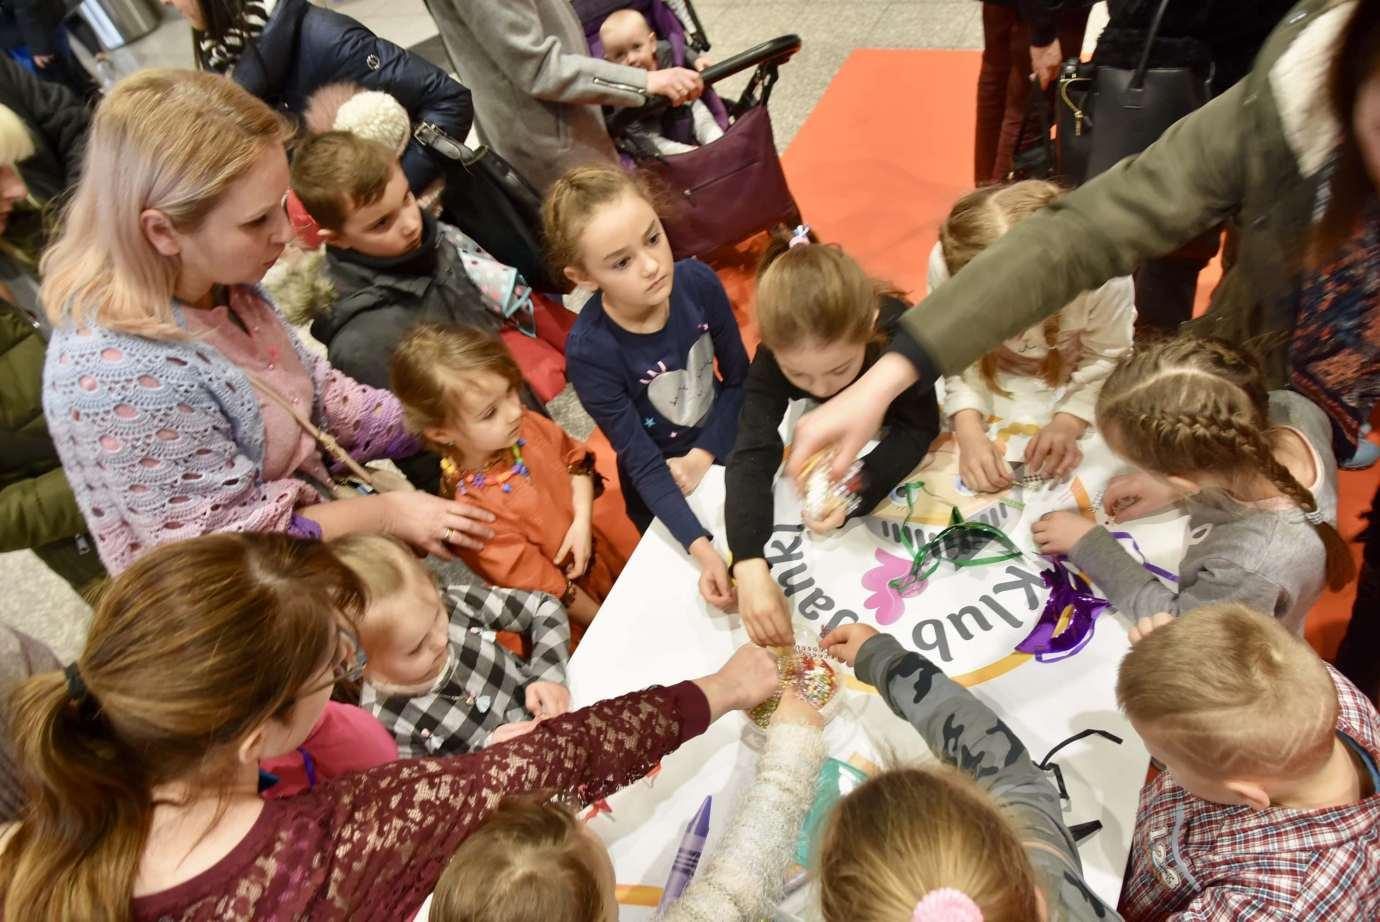 dsc 3905 Zabawa kreatywnych dzieciaków w Galerii Handlowej Twierdza (filmy i zdjęcia)